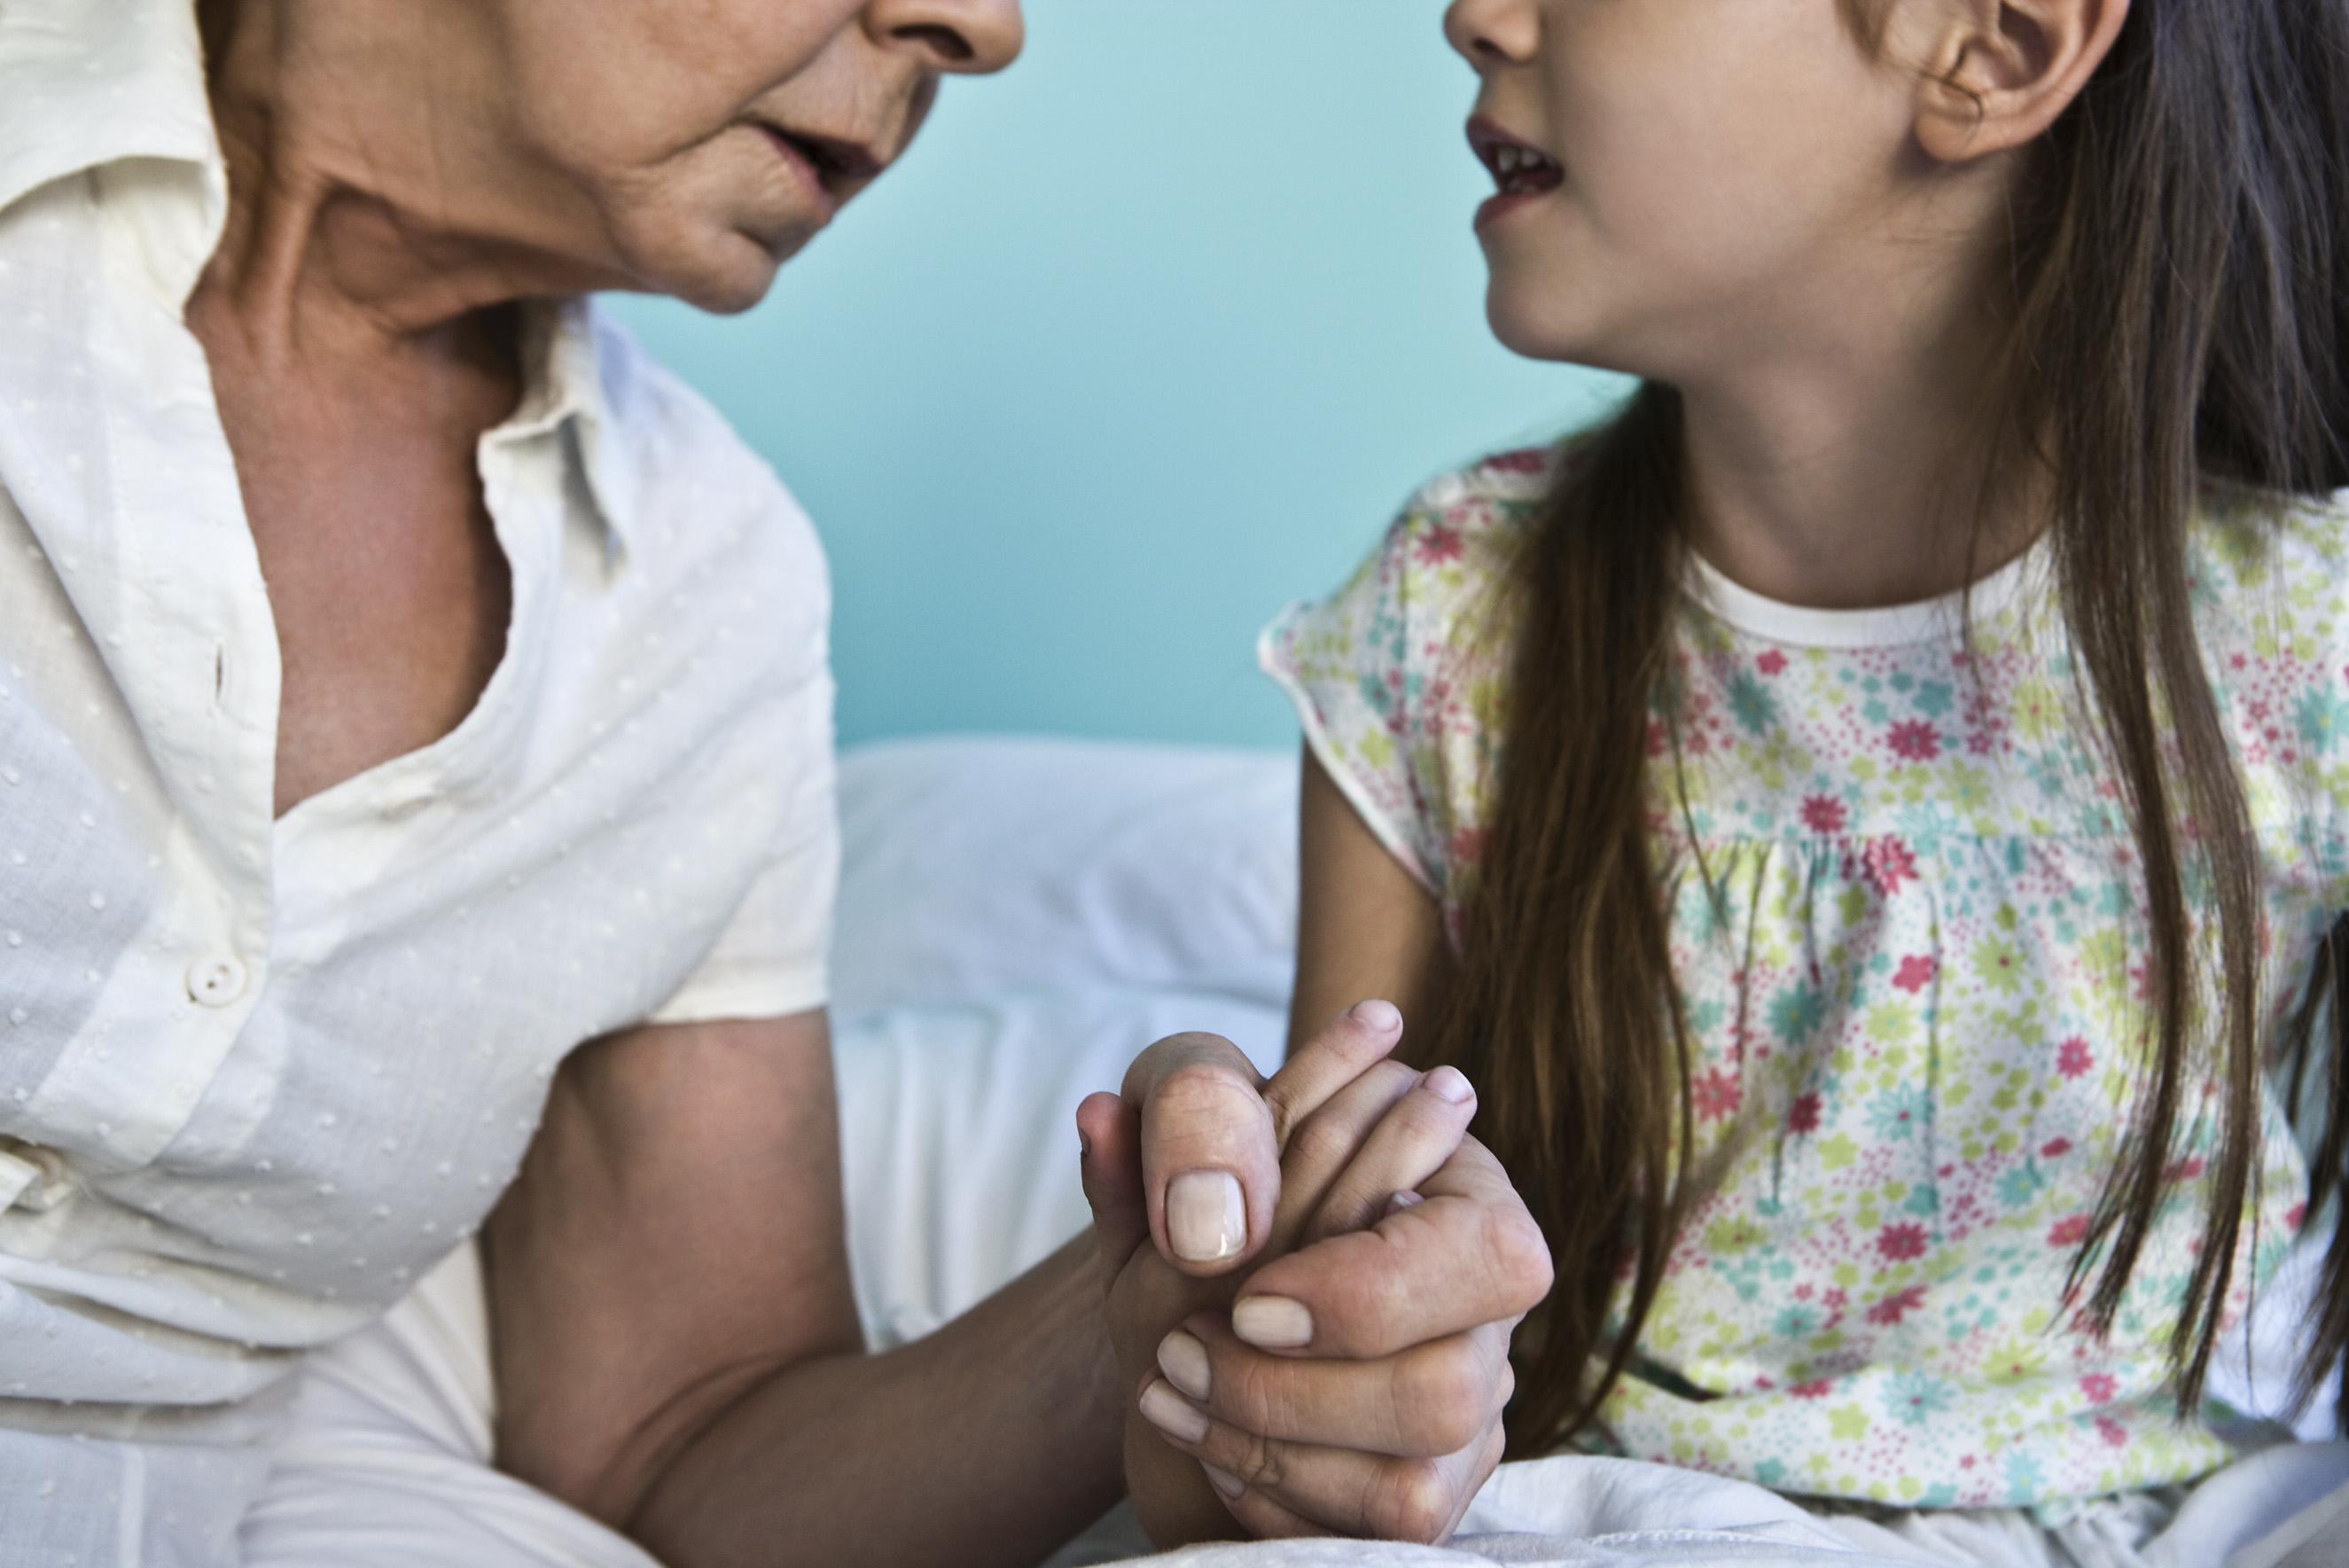 Det er viktig for barn å bli hørt, mener Svein Arild Vis. Illustrasjonsfoto: Colourbox